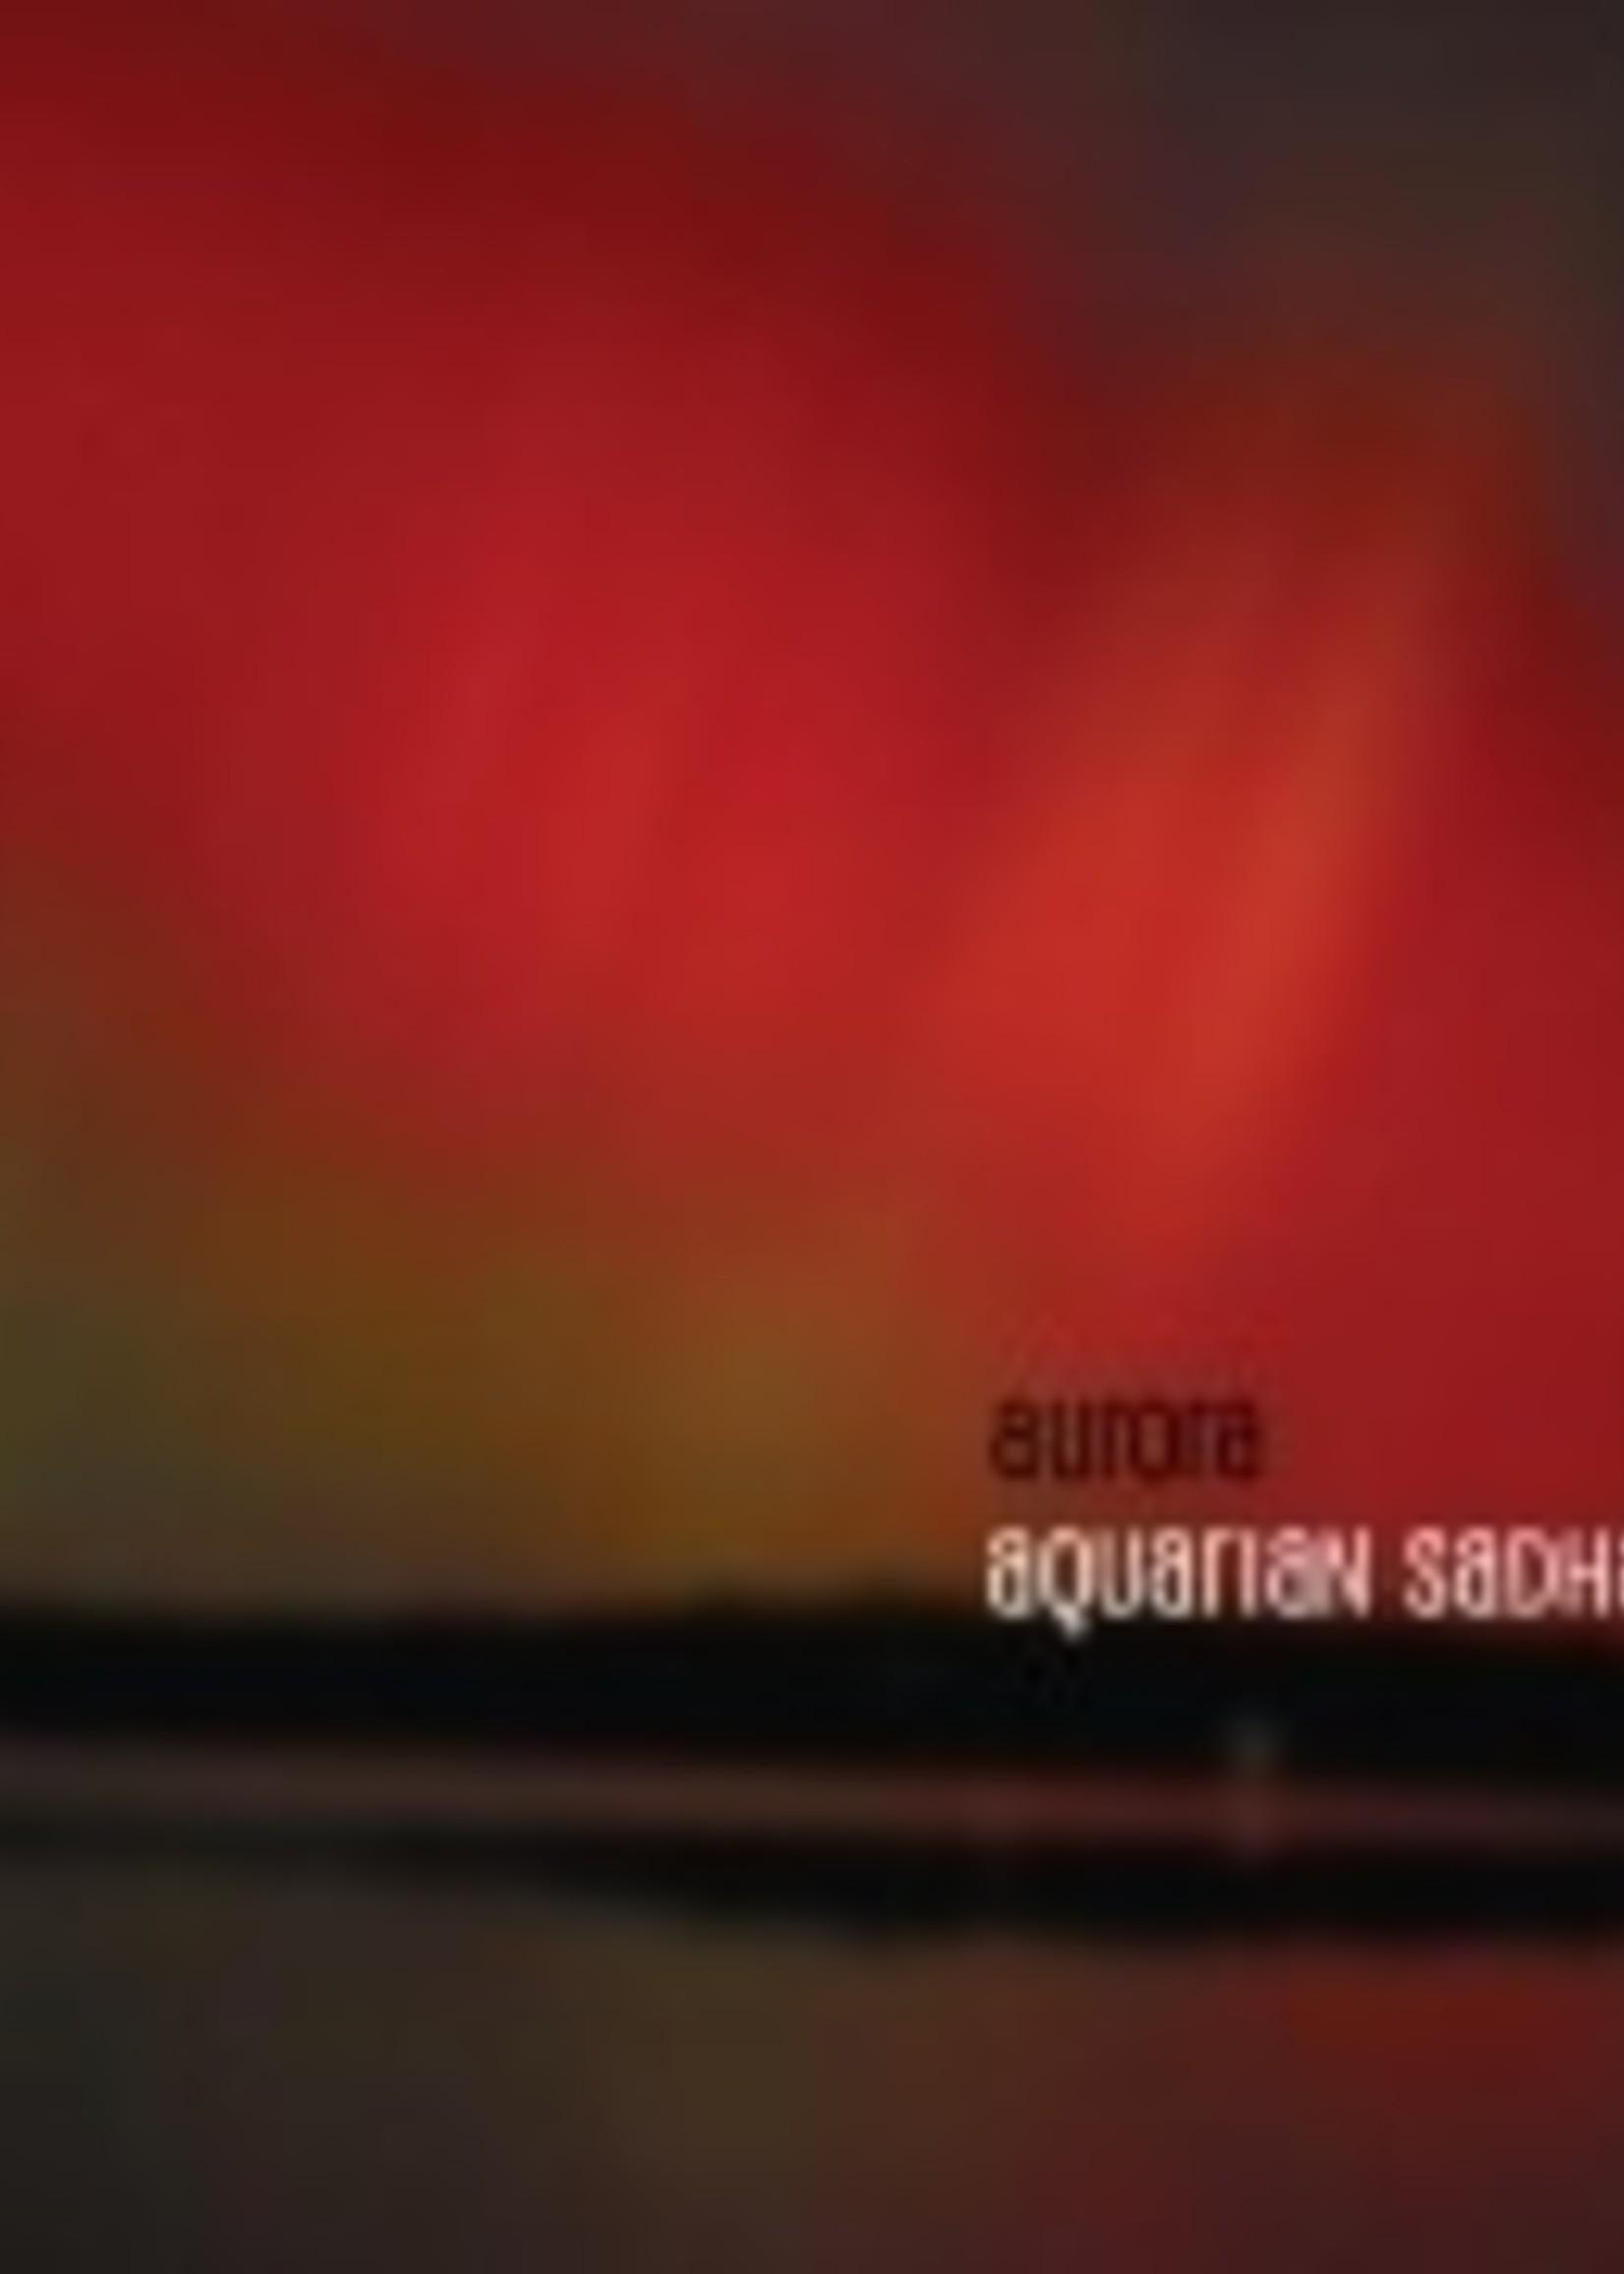 Aurora Sadhana   Aquarian Sadhana